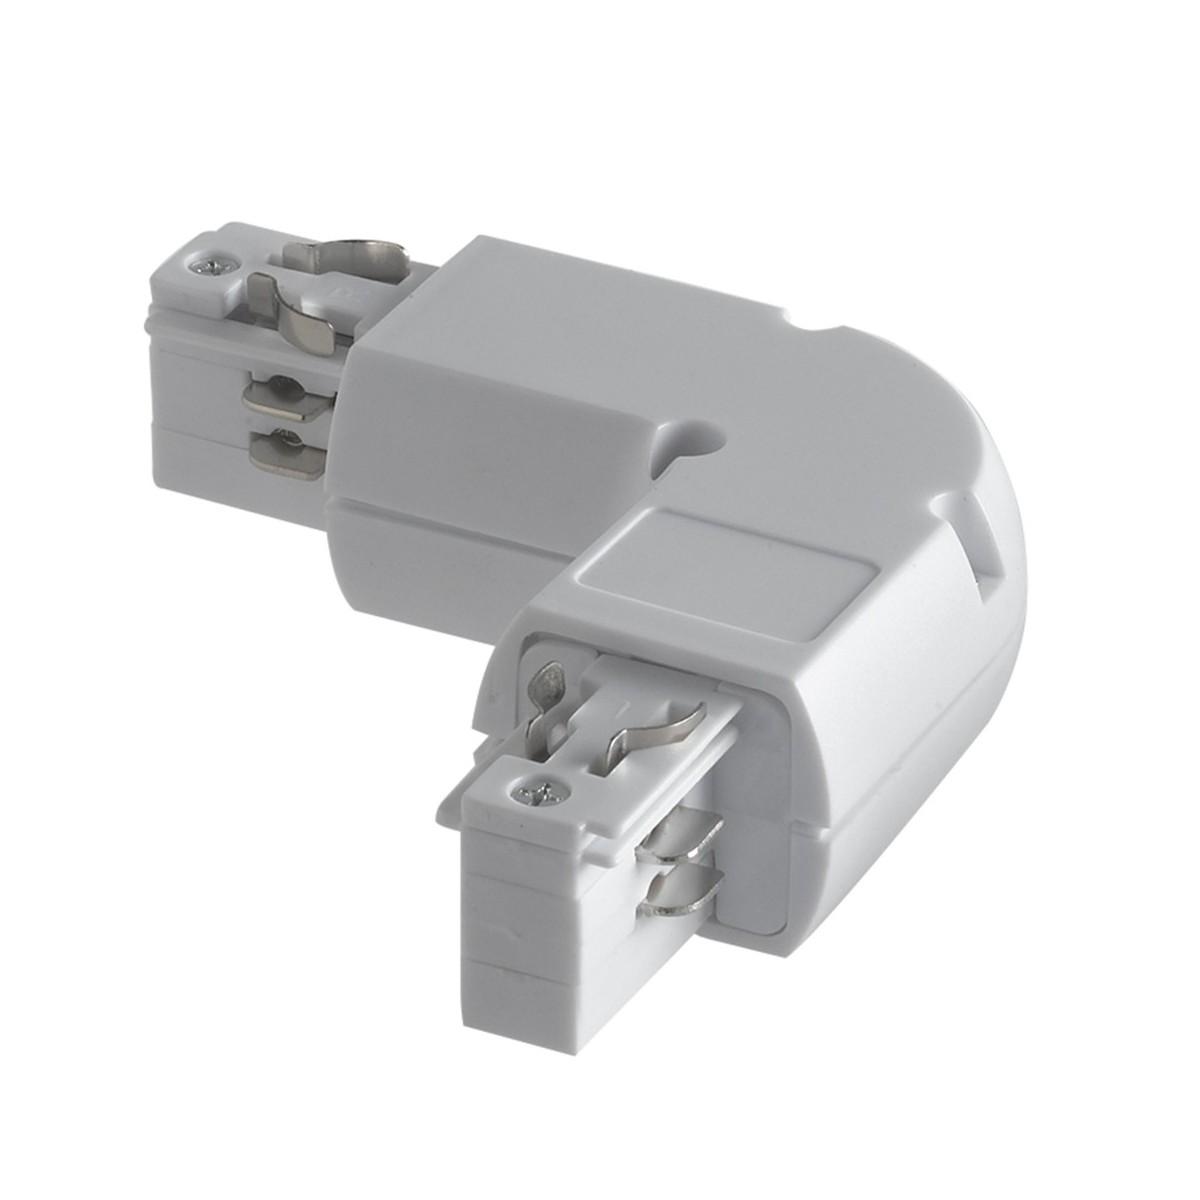 LED-TRACK-L - Connecteur pour rails de